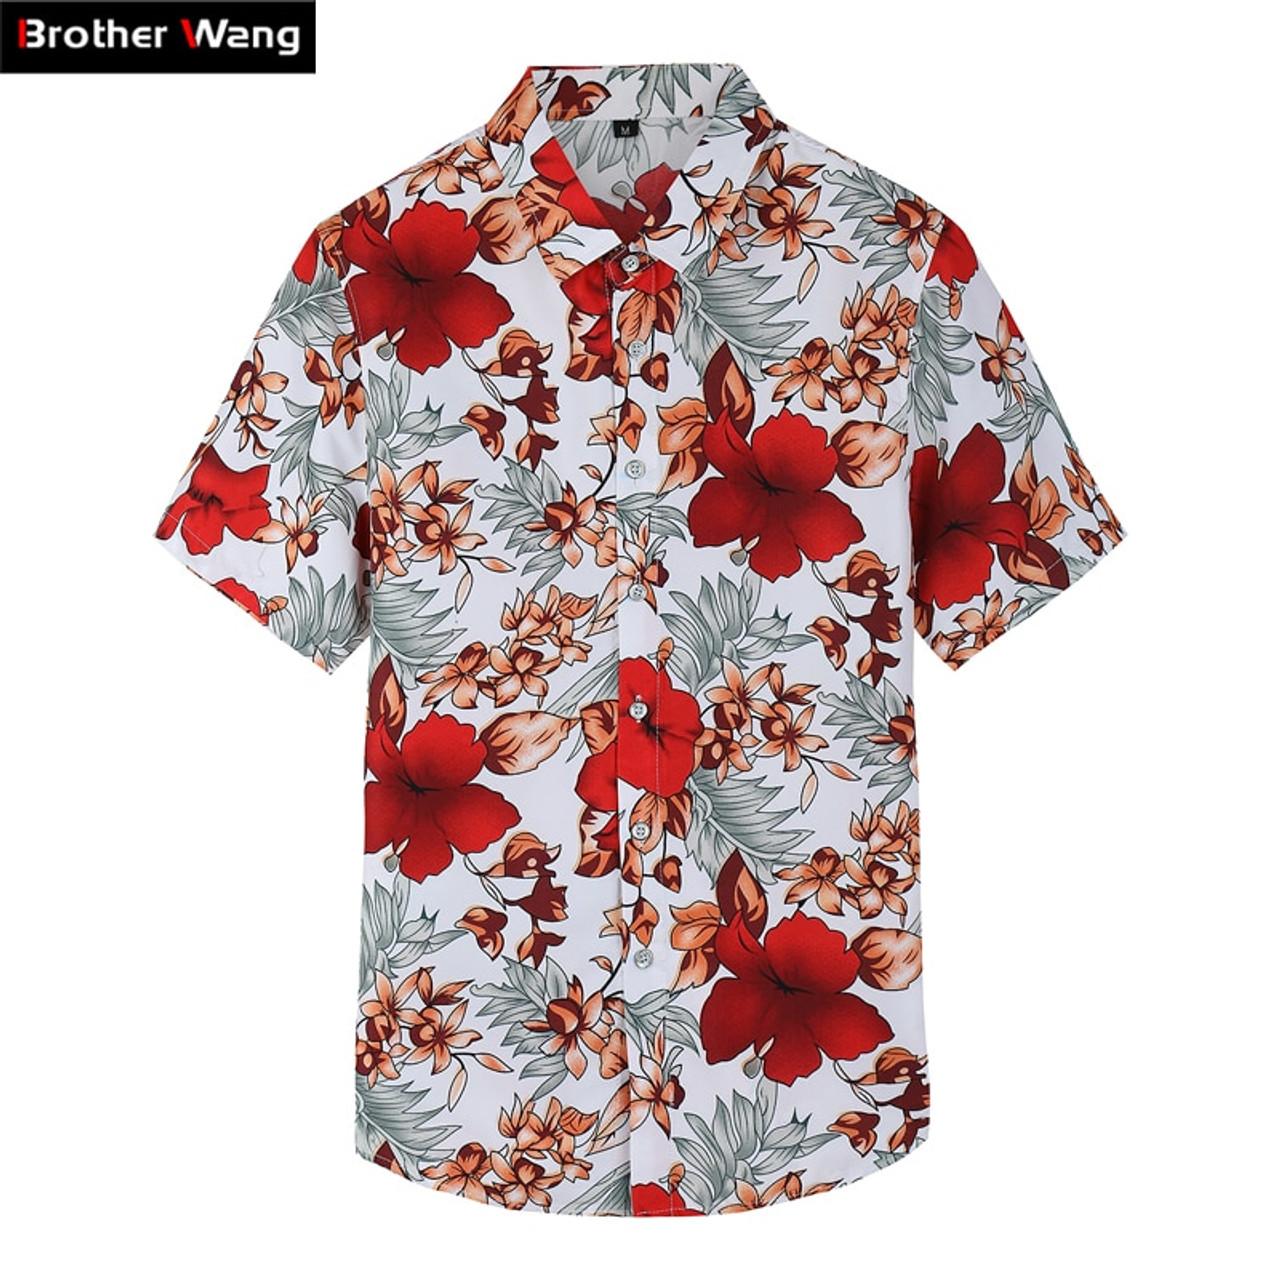 53e56281 2018 Summer New Shirt Men's Casual Red Flower Short-sleeved Shirt Fashion  Trend Plus Size Hawaiian Shirt Brand Clothes 6XL 7XL - OnshopDeals.Com